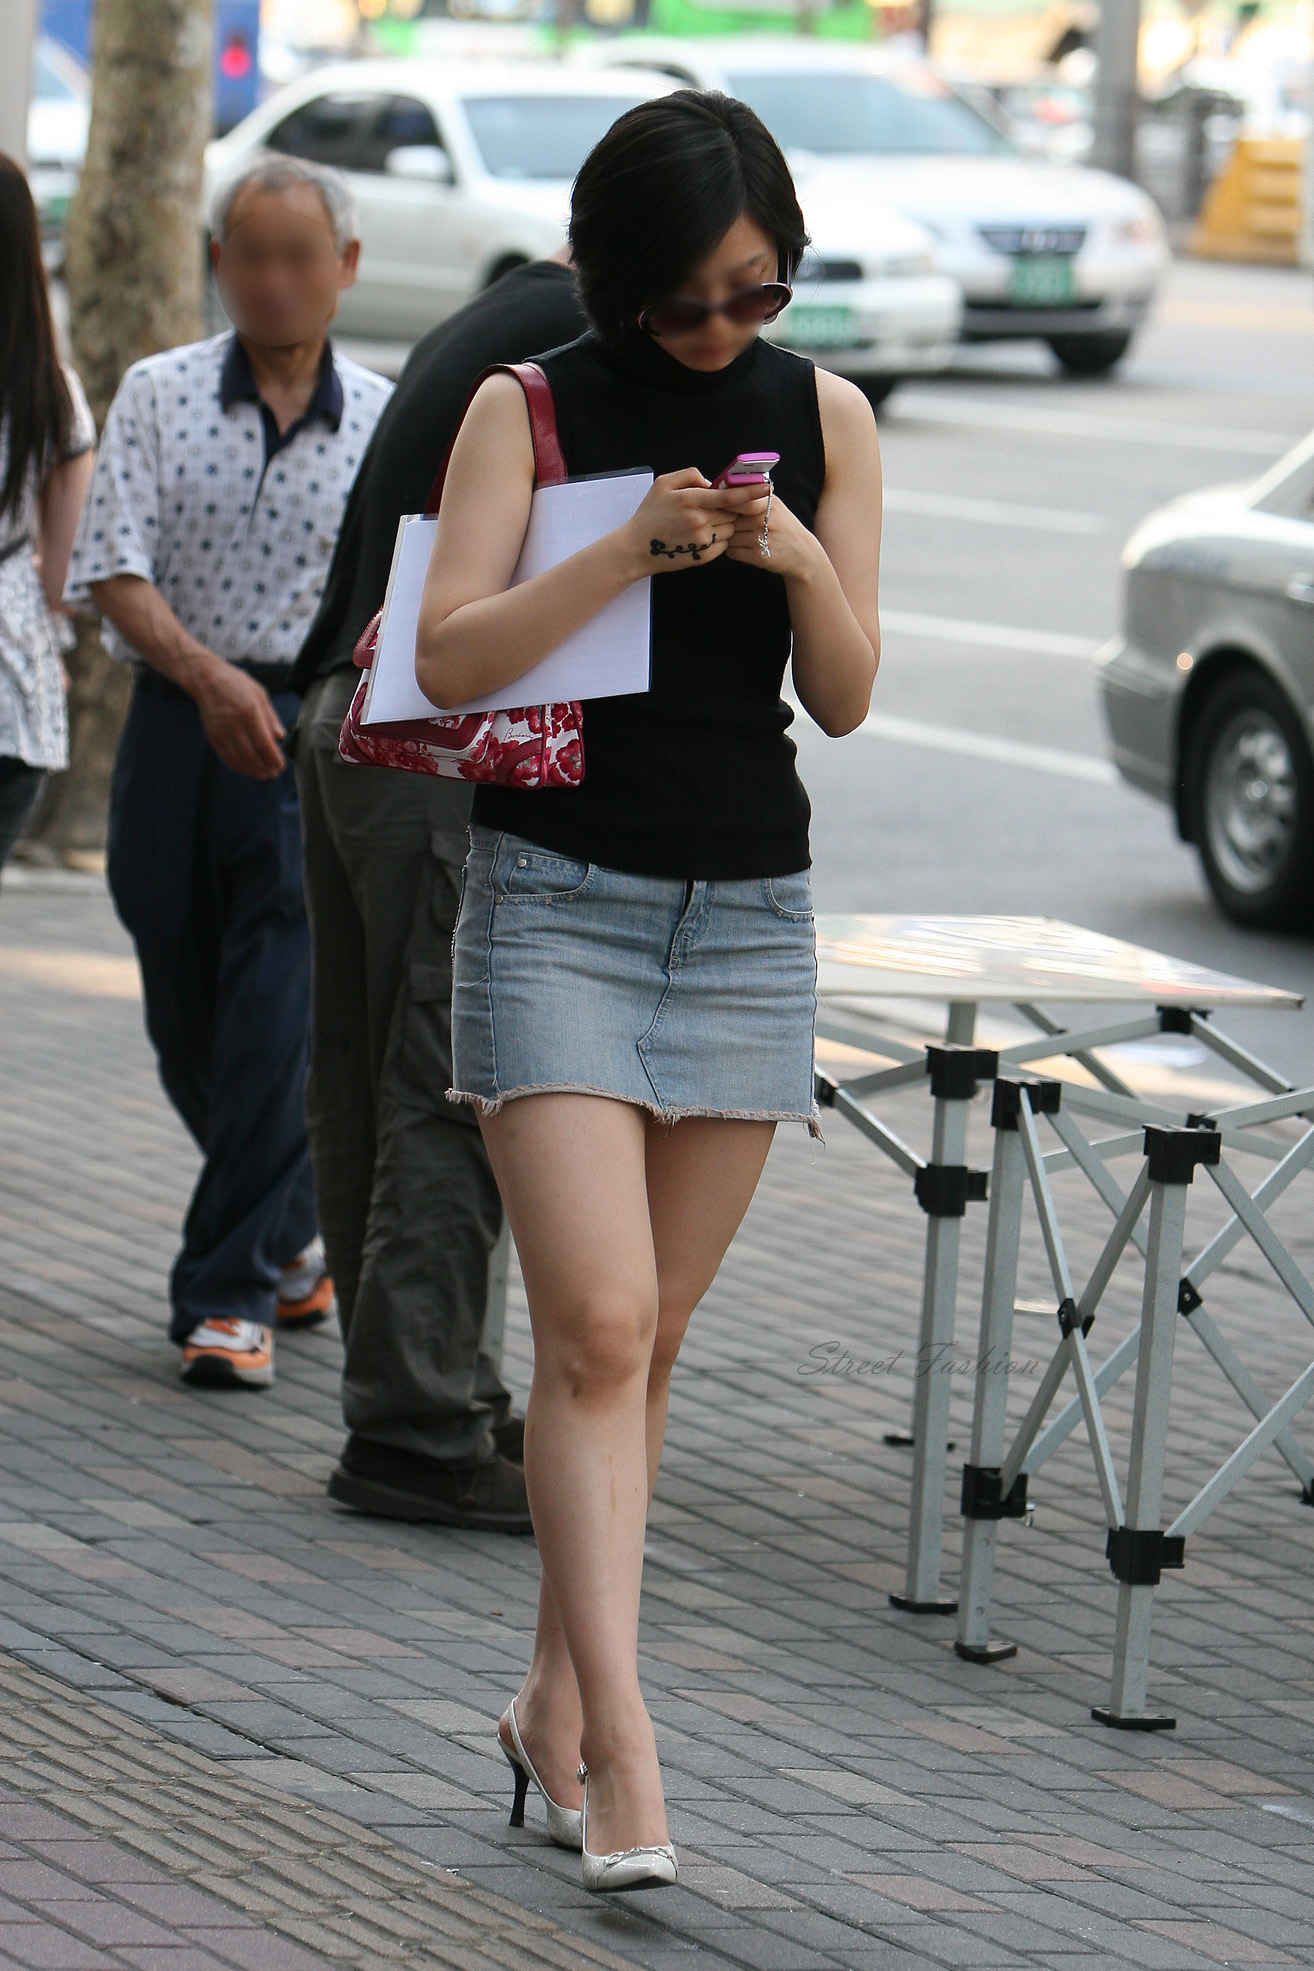 デニムのミニスカート大好き人間集合12 [無断転載禁止]©bbspink.comYouTube動画>9本 ->画像>626枚